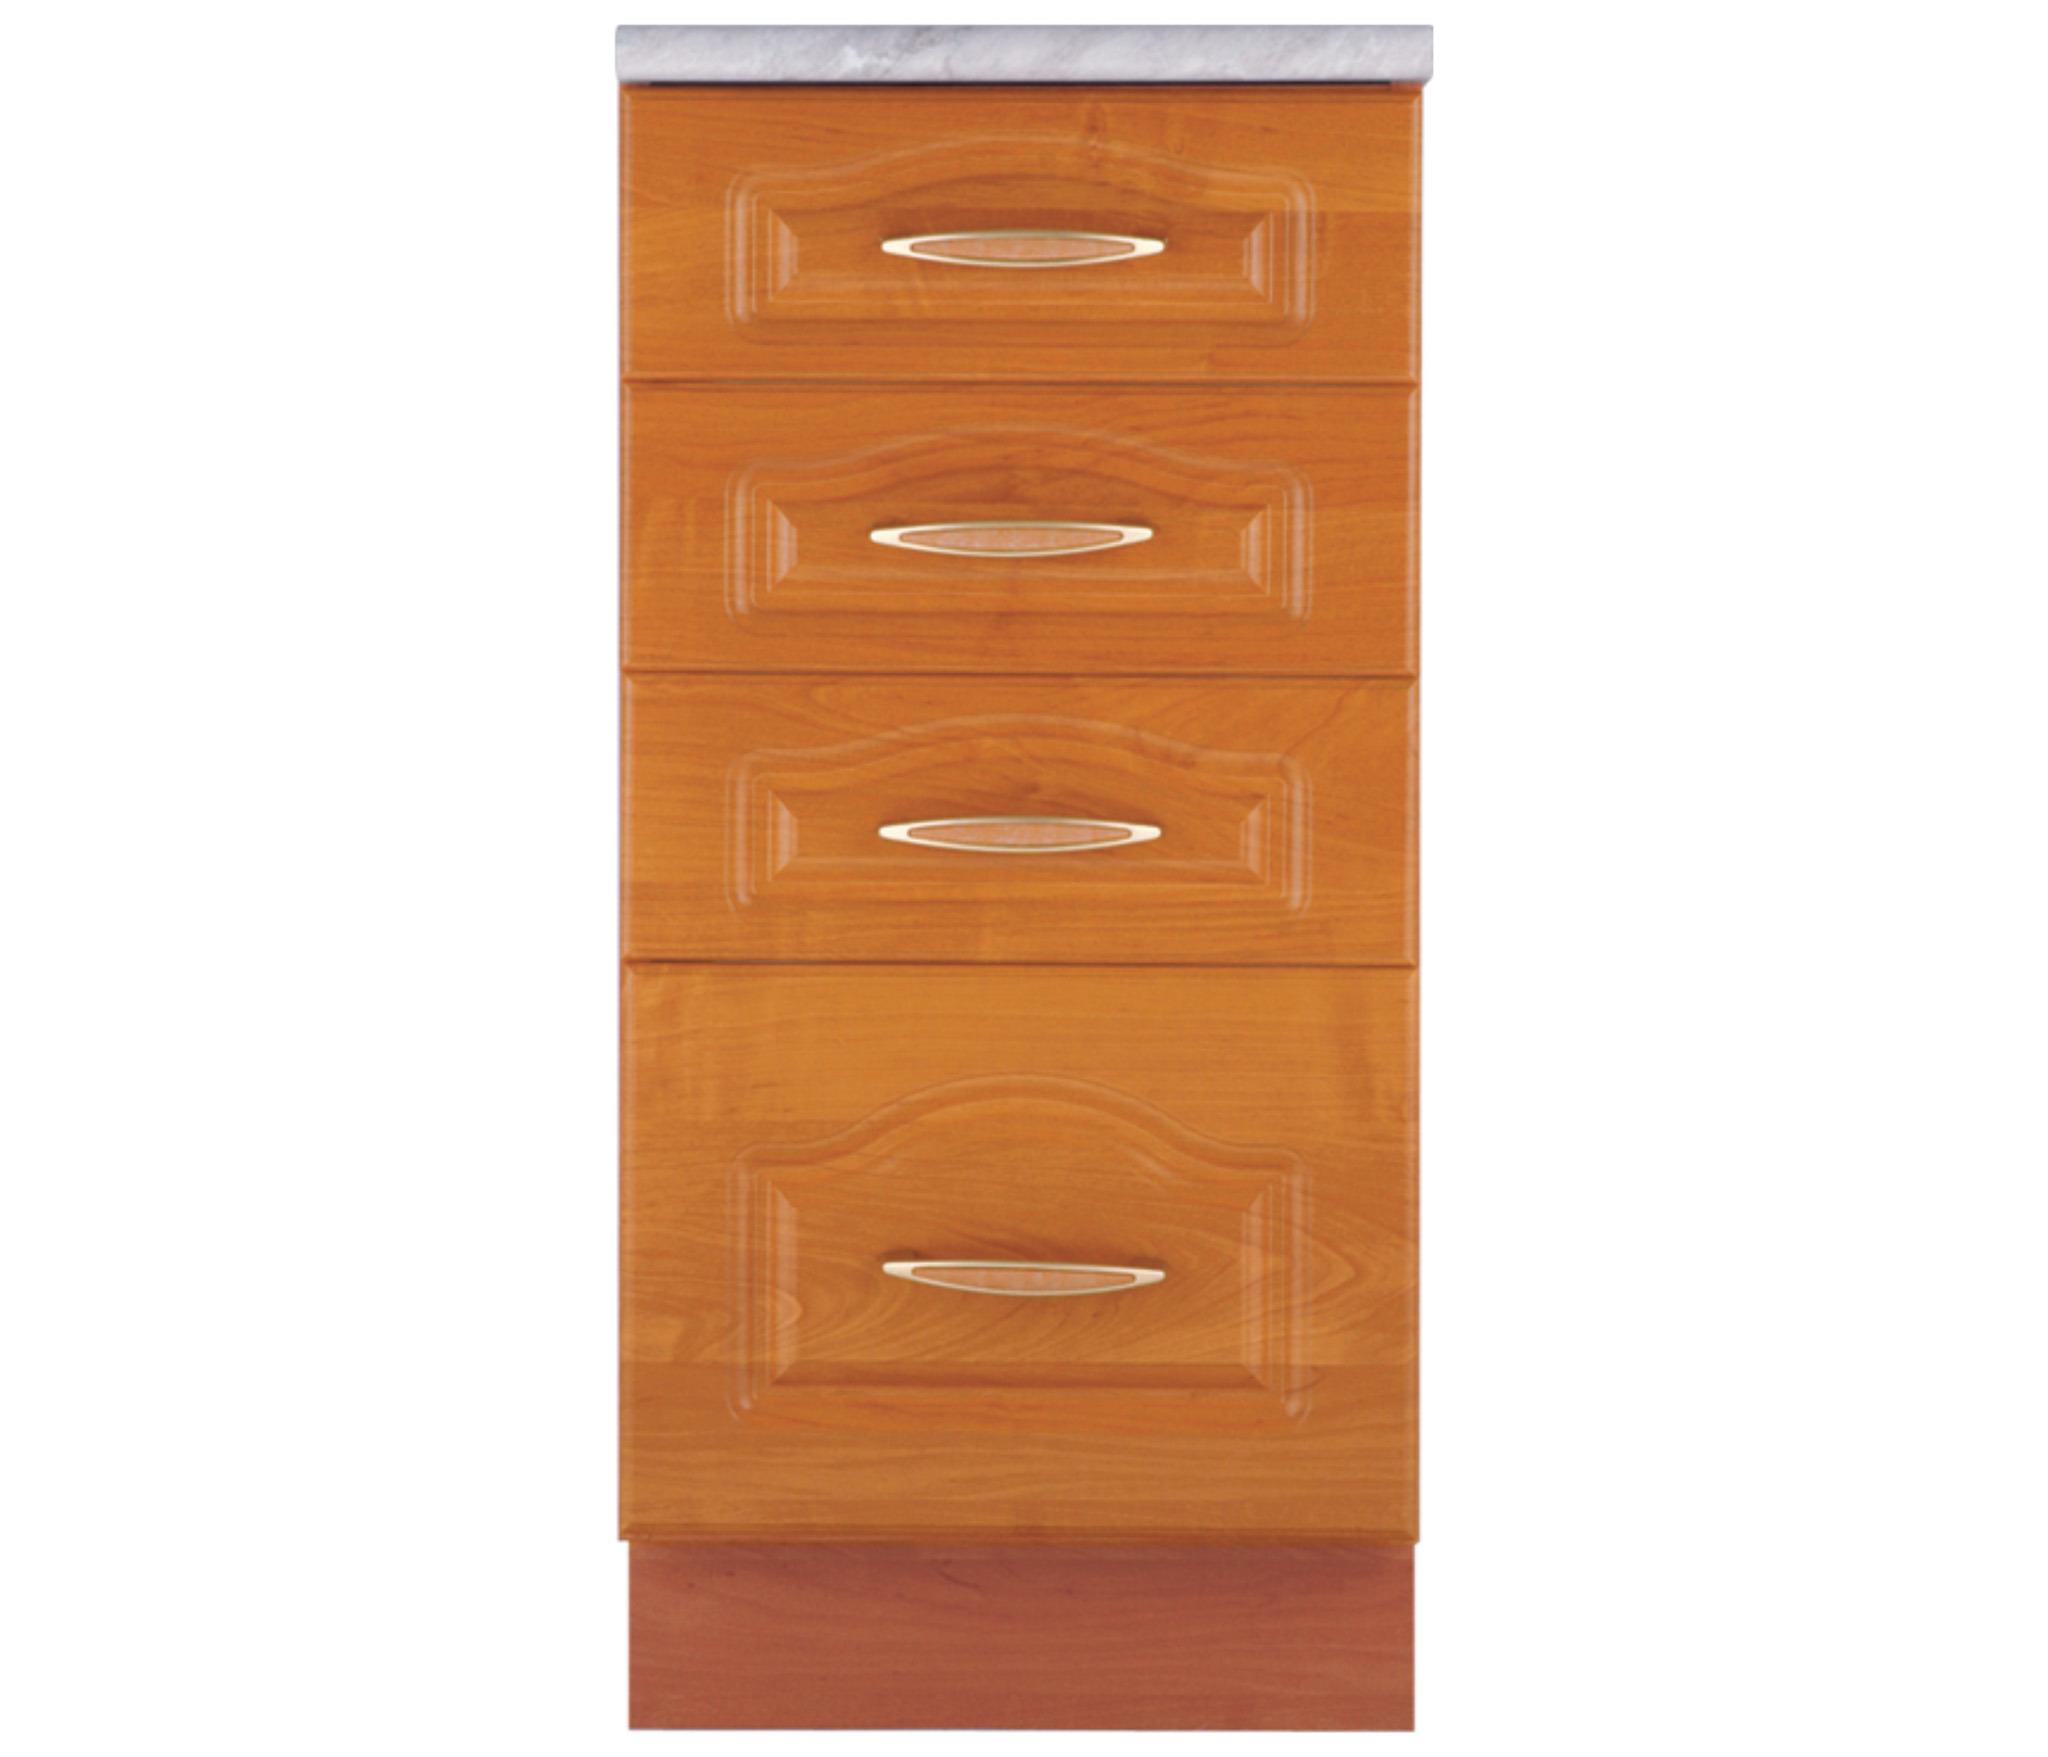 Оля В4 Шкаф-Стол с 4-мя ящикамиМебель для кухни<br>Кухонный шкаф с четырьмя ящиками. Дополнительно рекомендуем приобрести столешницу.